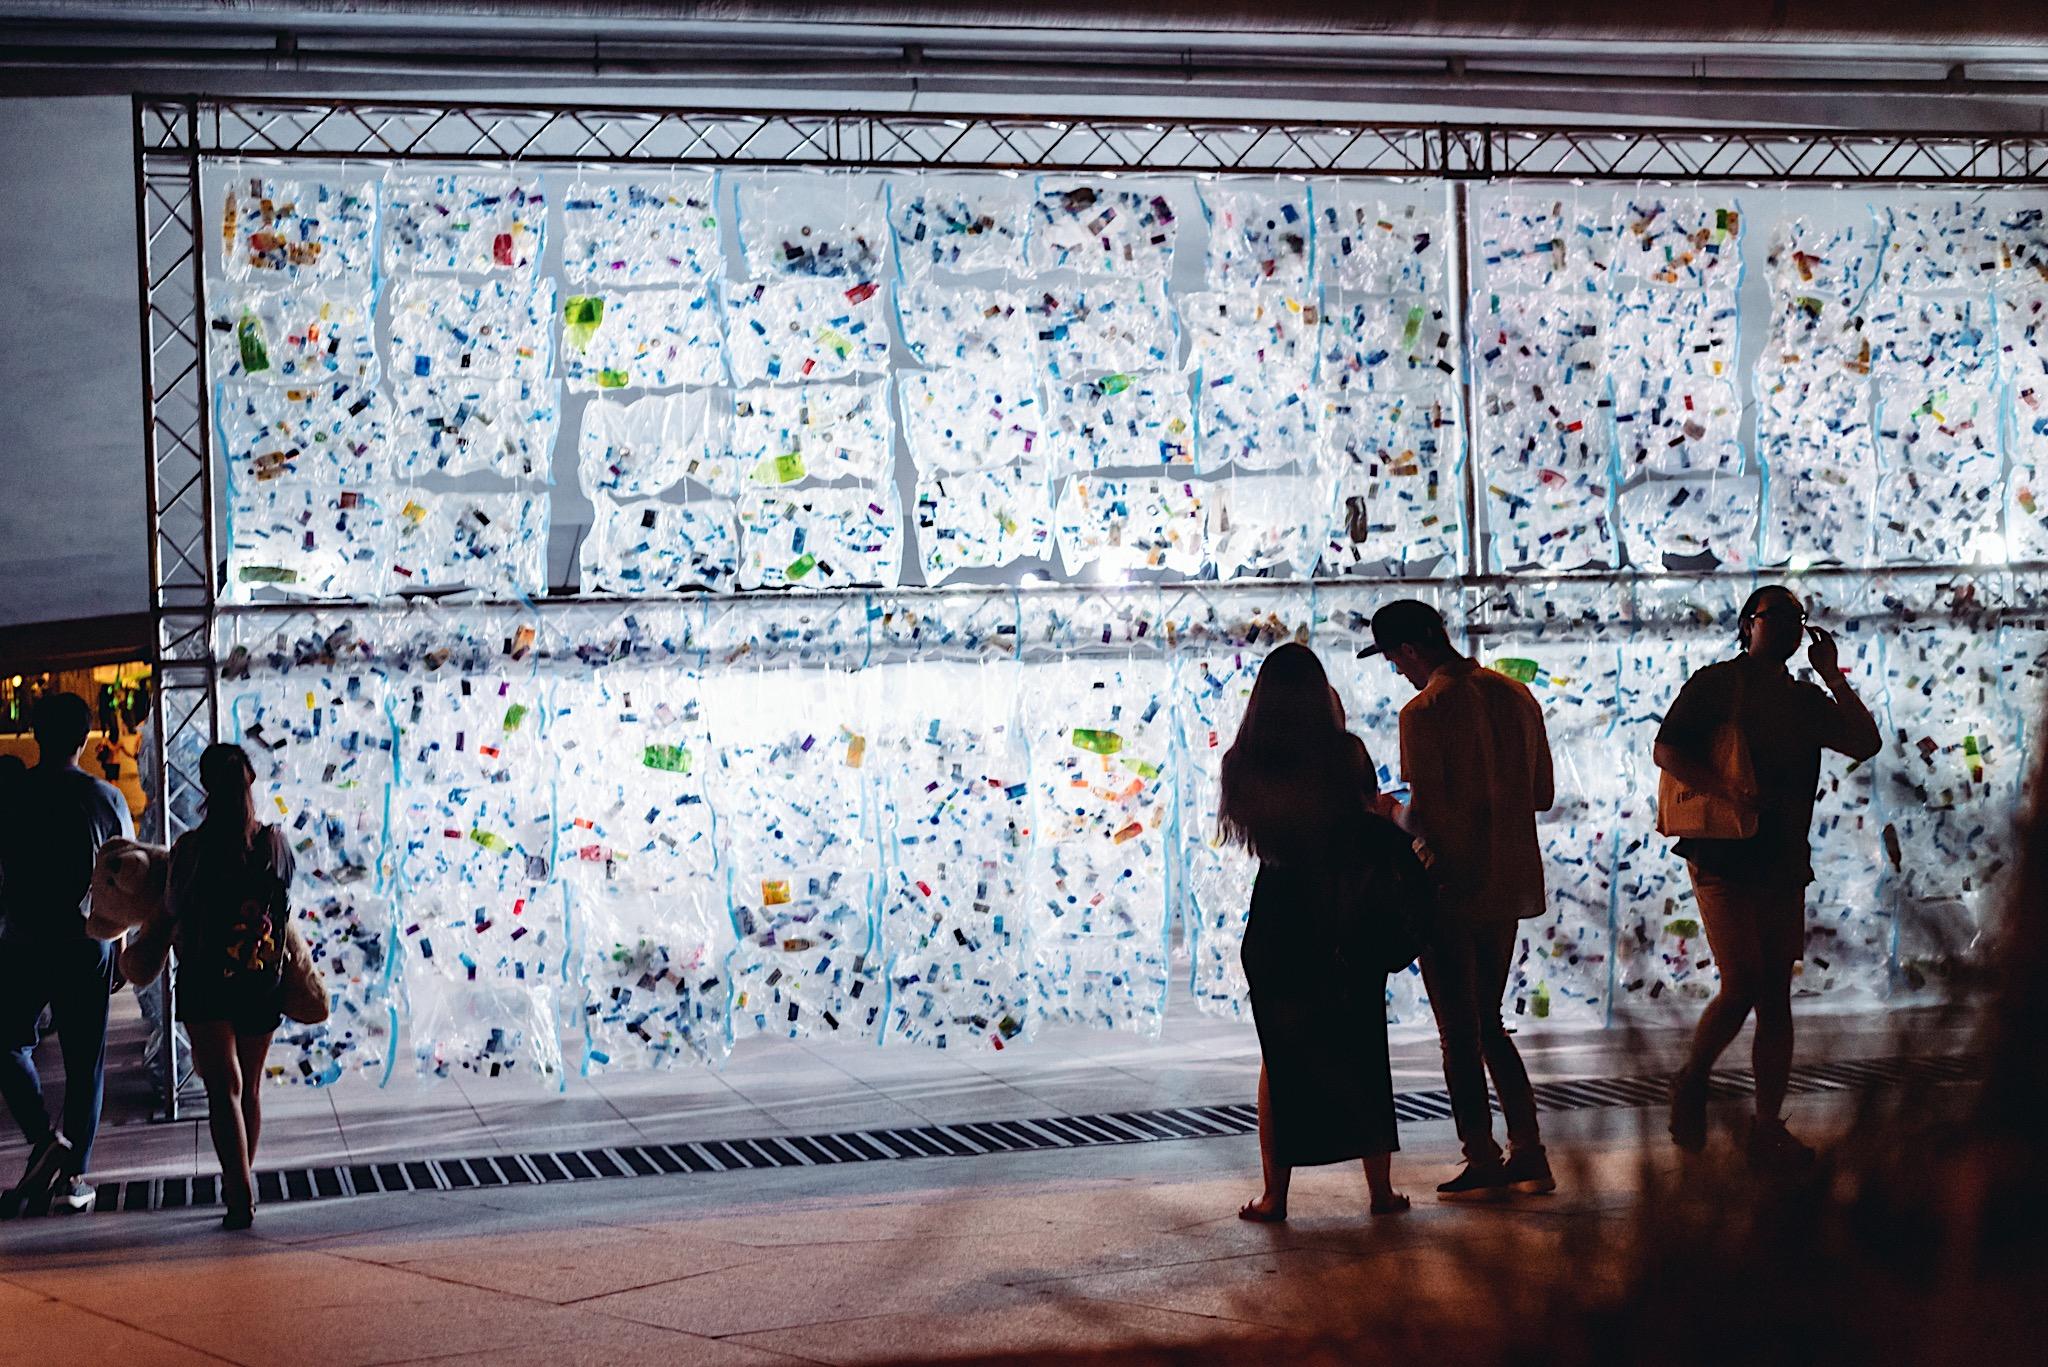 พลาสติกเจ้าปัญหา! สะท้อนผ่านกำแพงเรืองแสงขนาดใหญ่ มันกำลังล้นโลกแล้วนะ